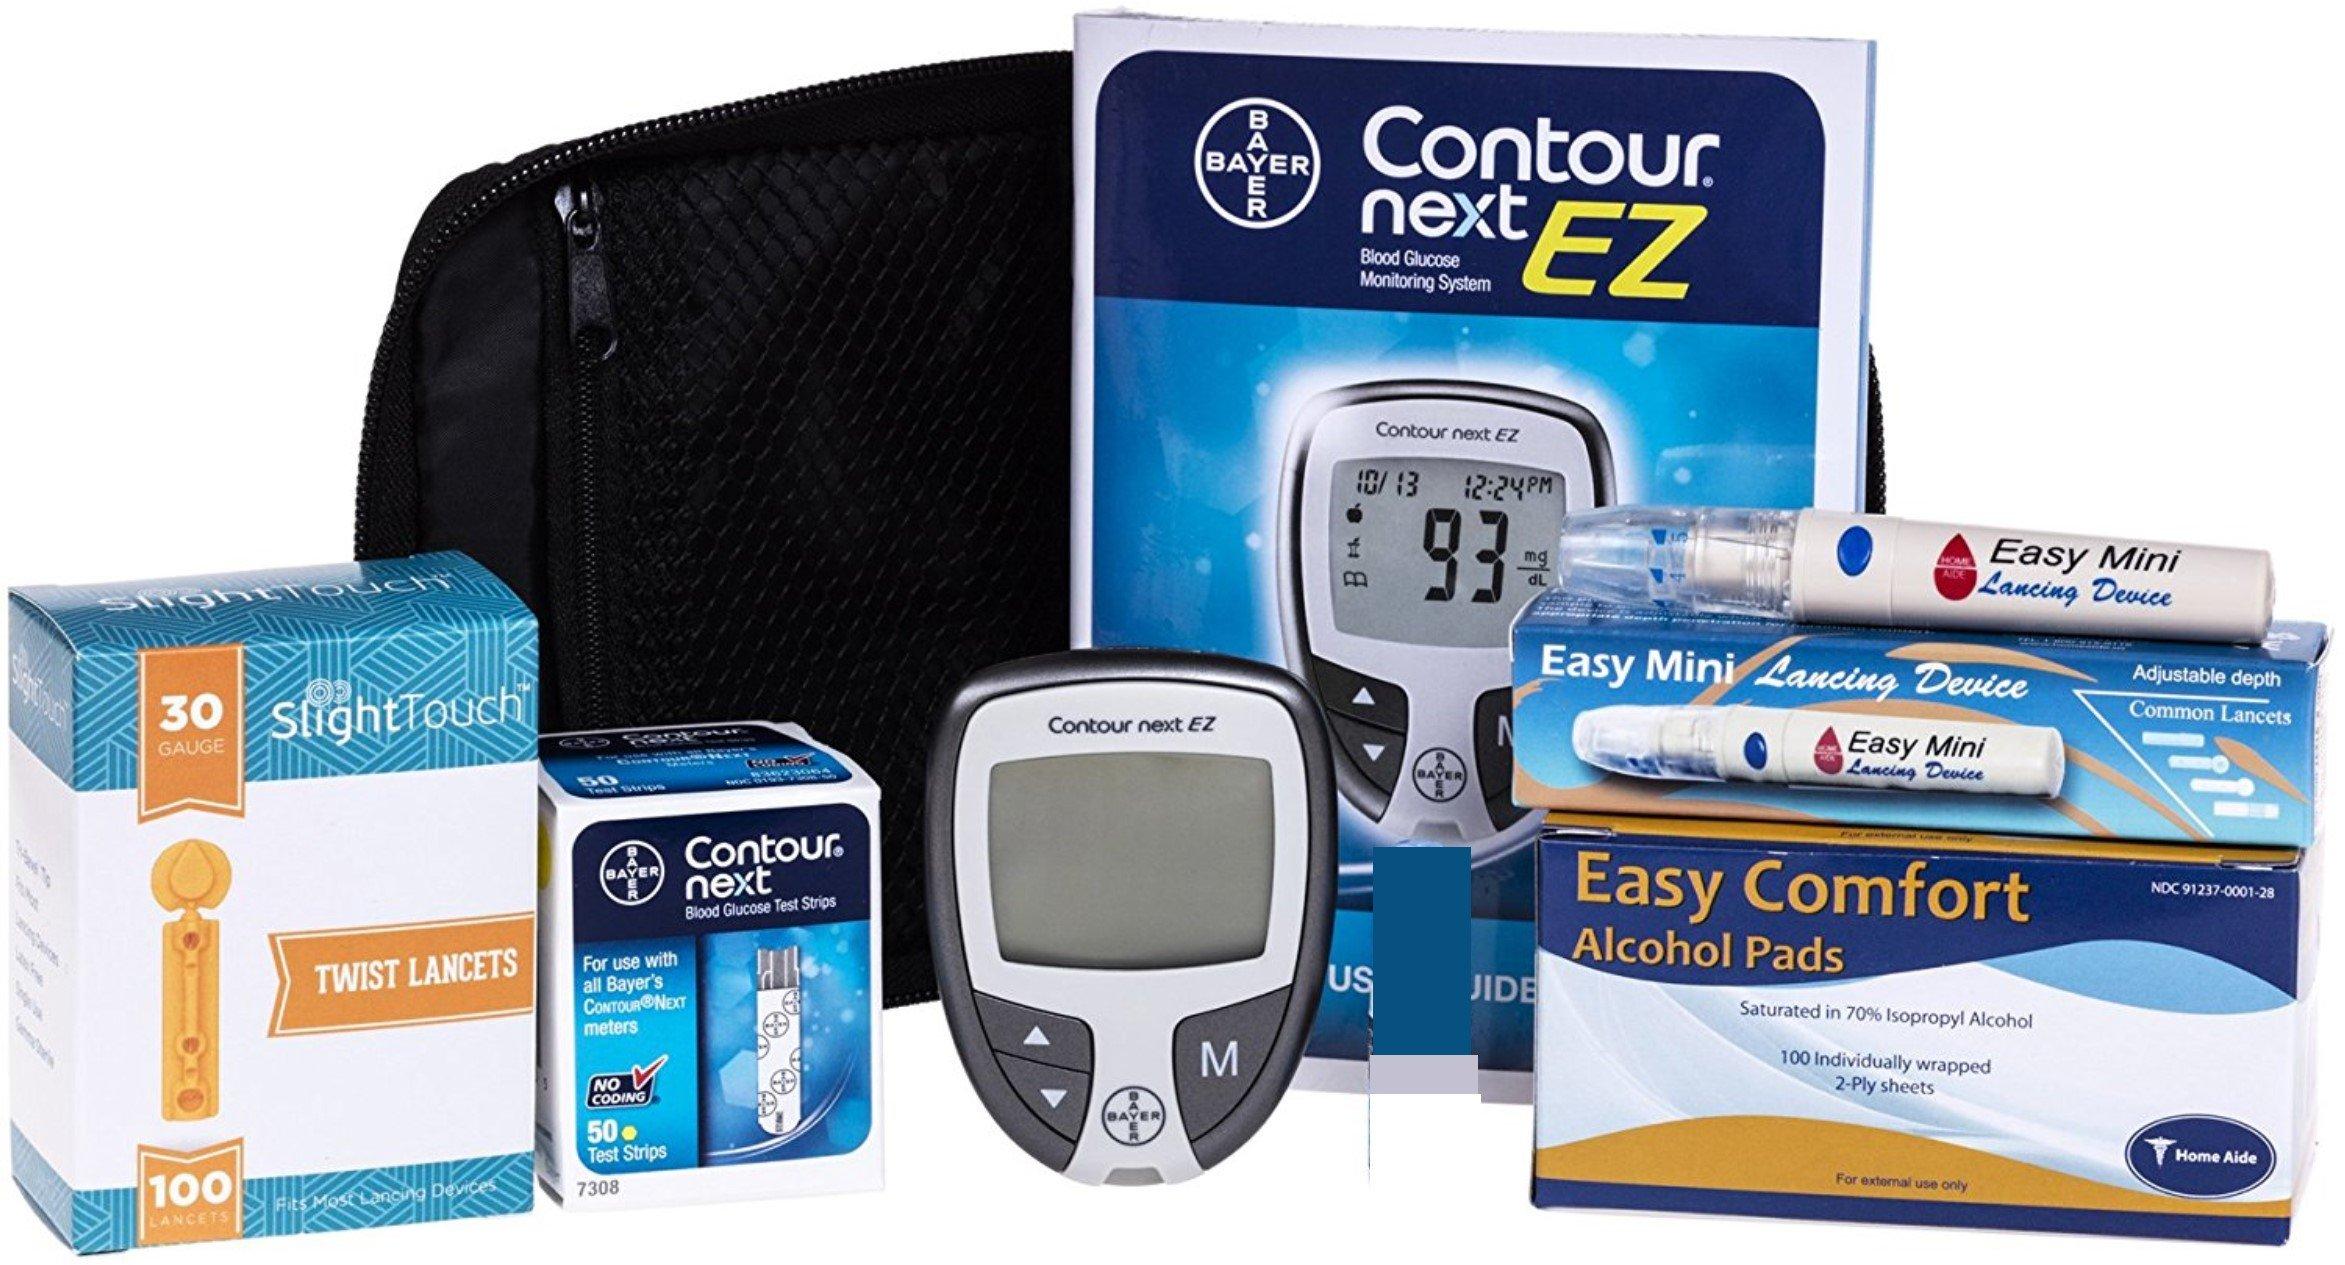 Contour Next Diabetes Testing Kit - Contour Next Ez Meter, 50 Bayer Contour Next Test Strips, 100 30g Lancets, 1 Lancing Device, 100 Alcohol Prep Pads